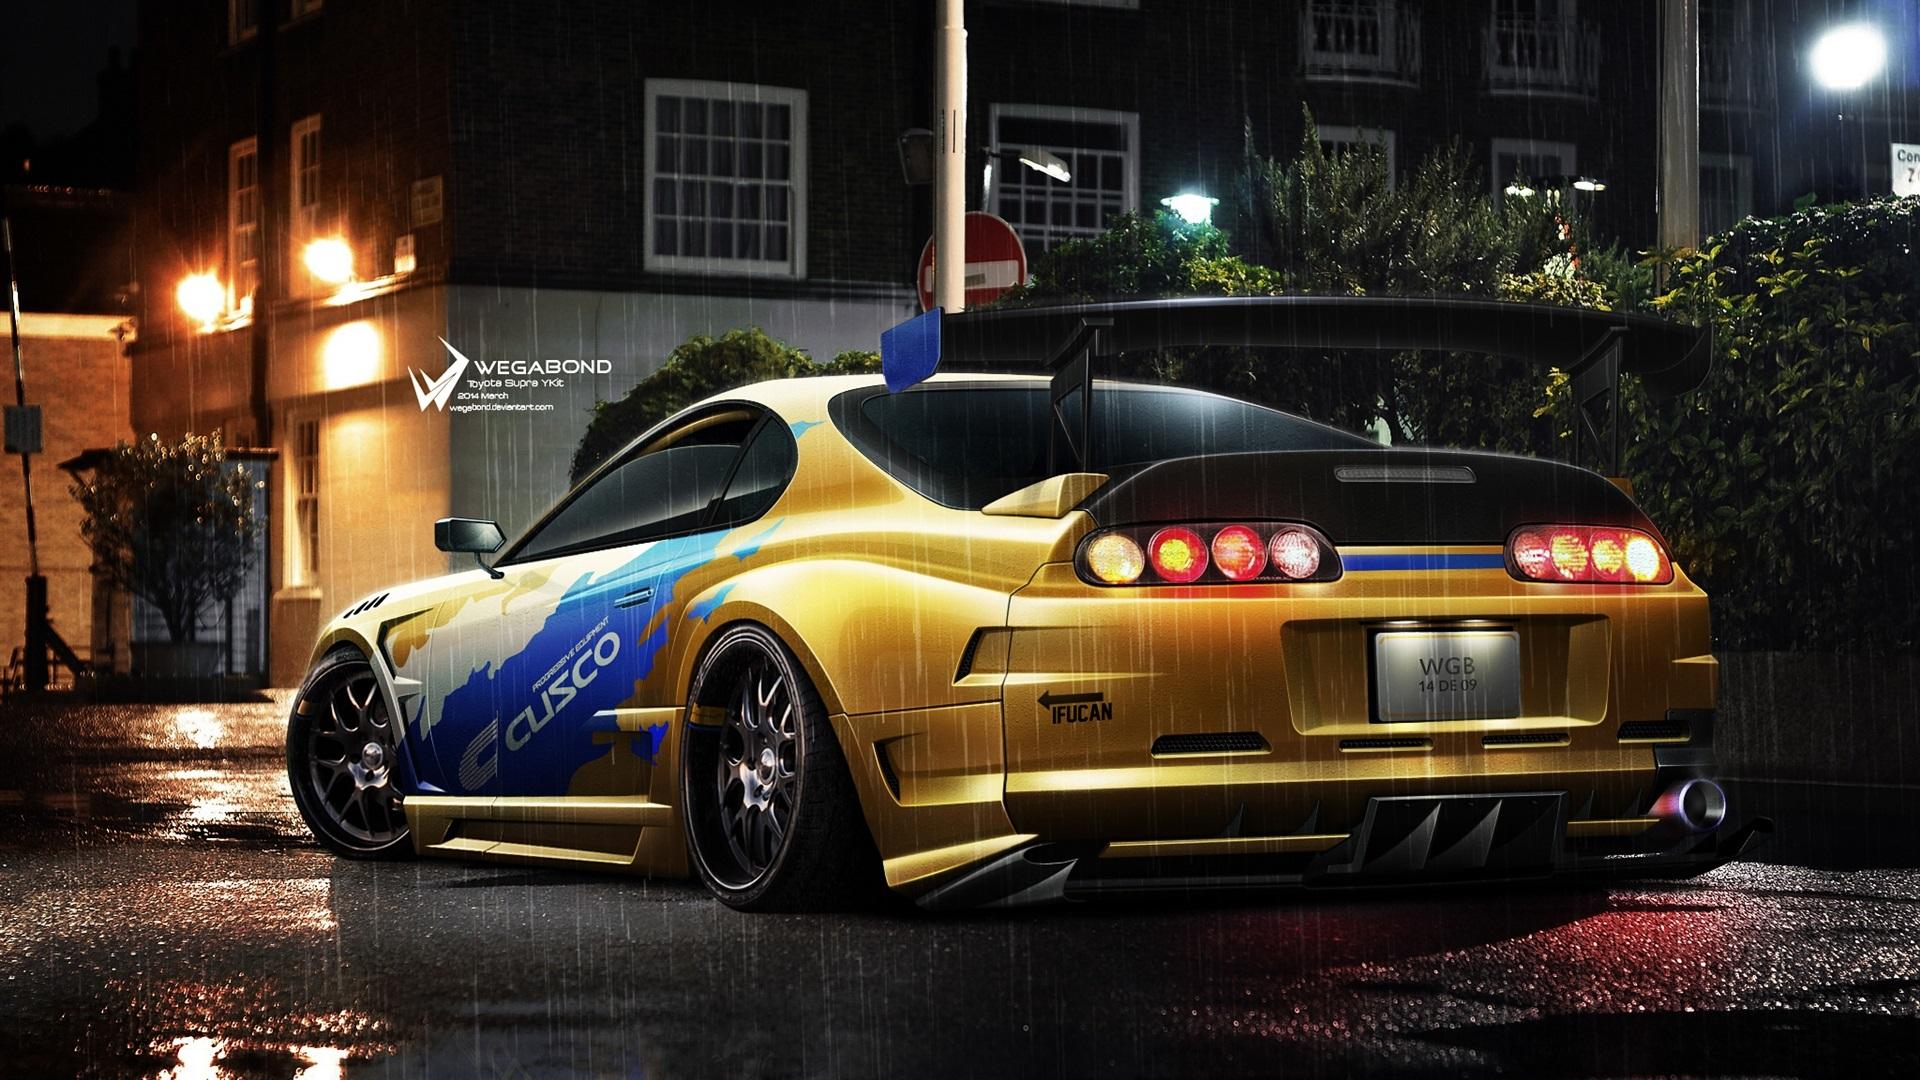 Toyota Coche De Carreras Amarillo Luces Noche Lluvia